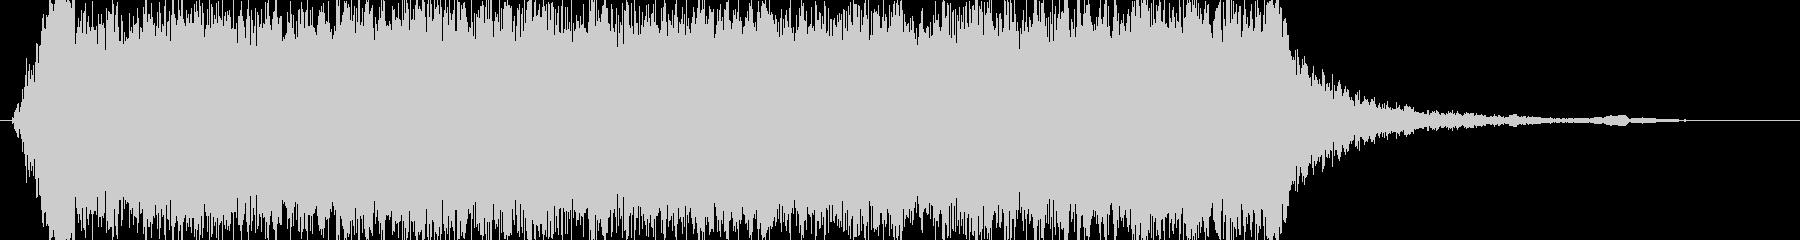 ブイーン(サイクロン掃除機強モードの音)の未再生の波形